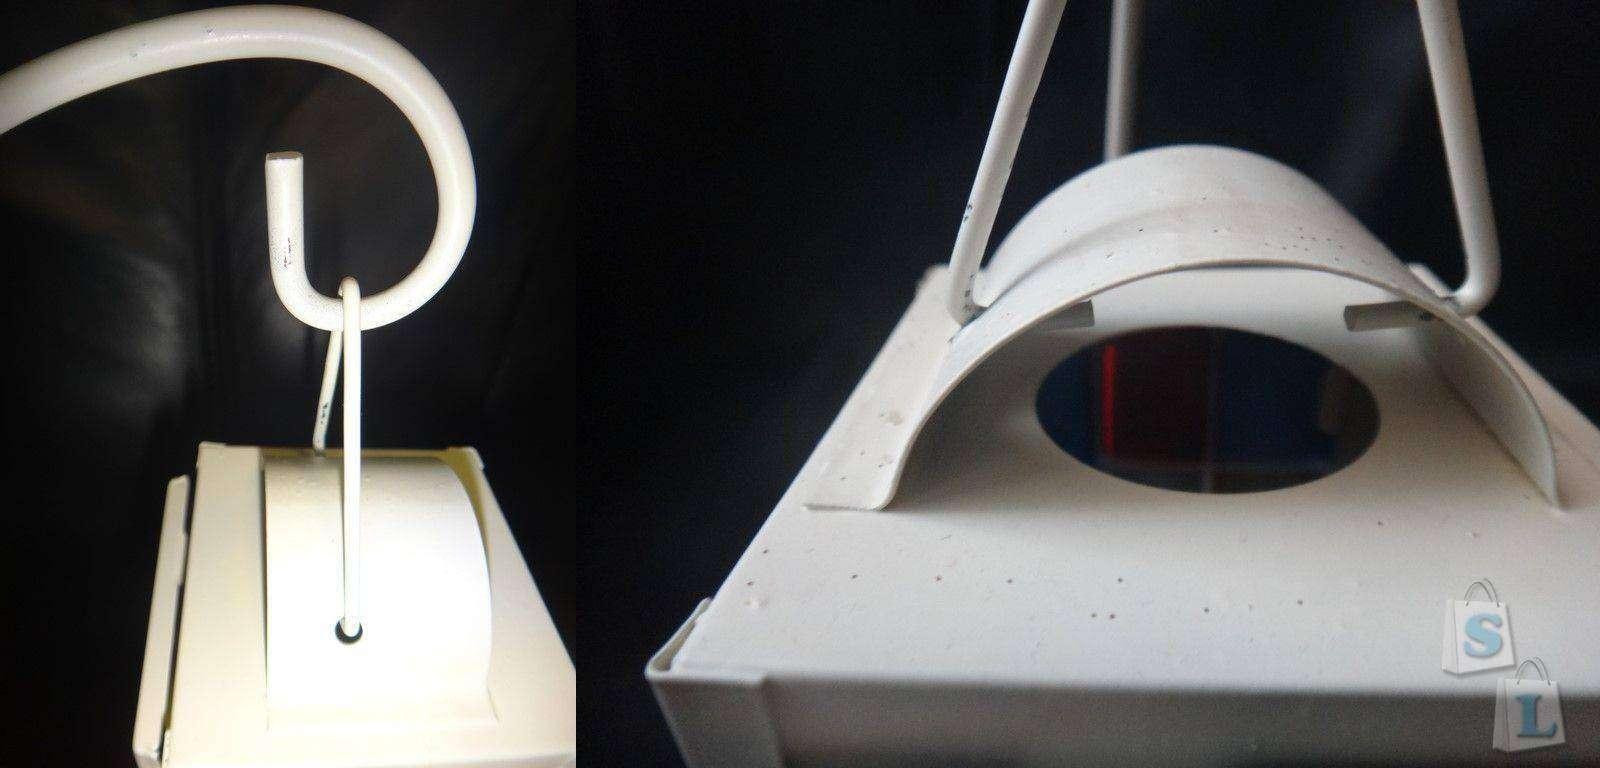 Banggood: Железный фонарь-подсвечник